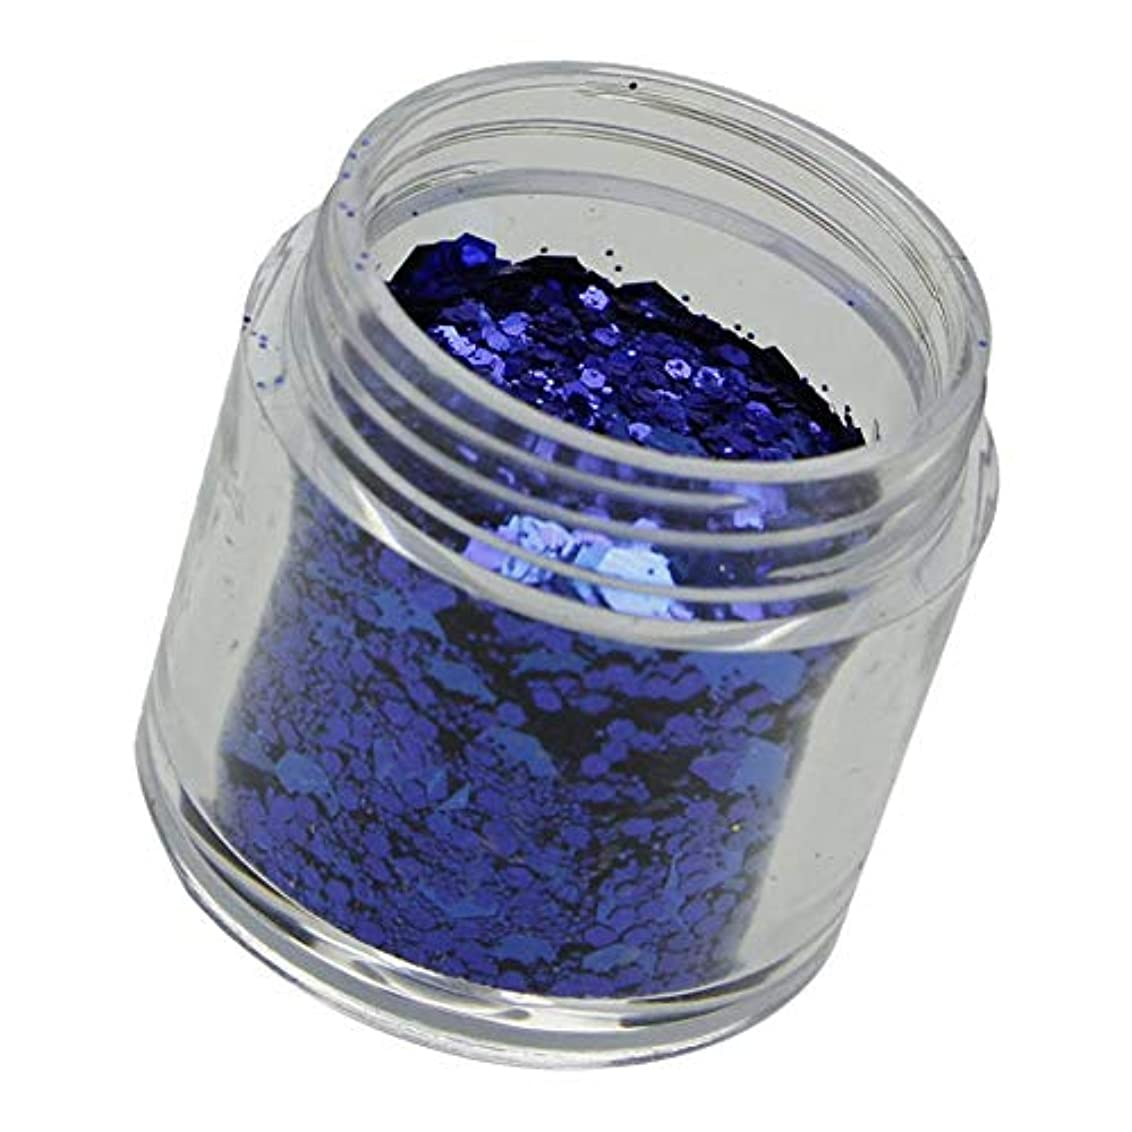 式同封する寸前Perfeclan ネイルグリッター ジェルグリッター ラメグリッター スパンコール キラキラ アイメイク 道具 全12色 - ロイヤルブルー